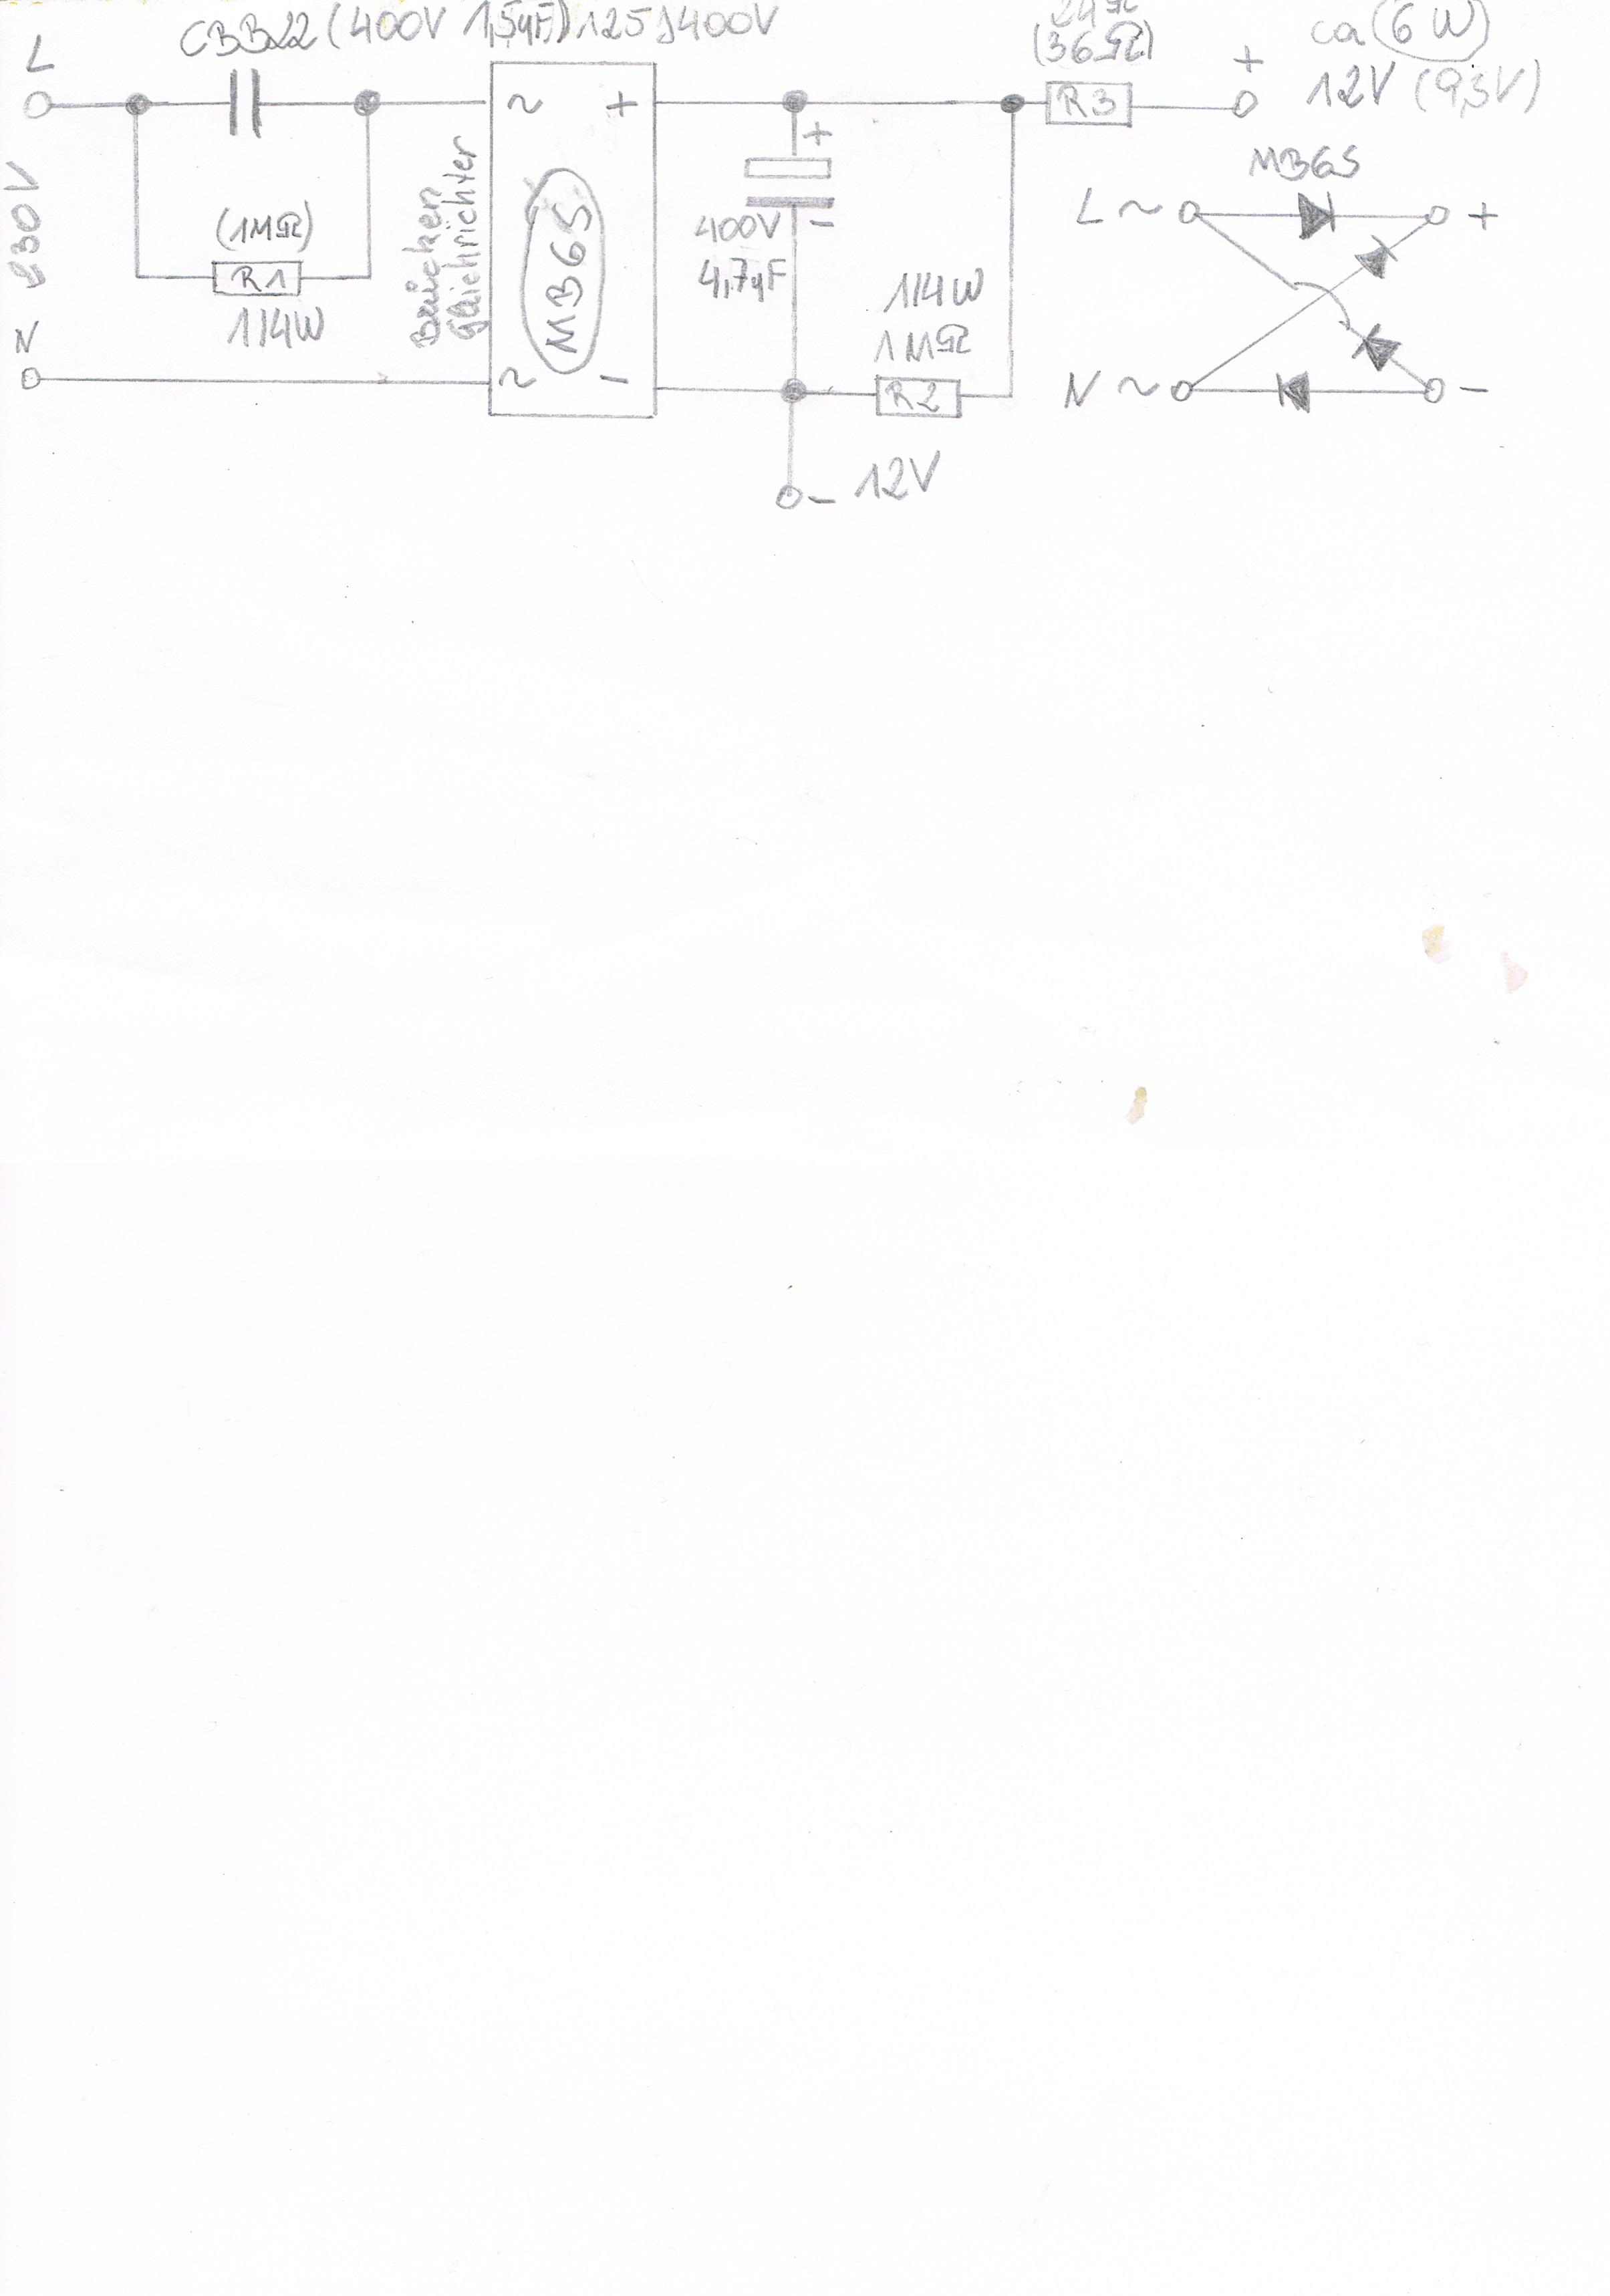 pc leistung berechnen die systembewertung ist nicht verf gbar computerleistung berechnen lassen. Black Bedroom Furniture Sets. Home Design Ideas